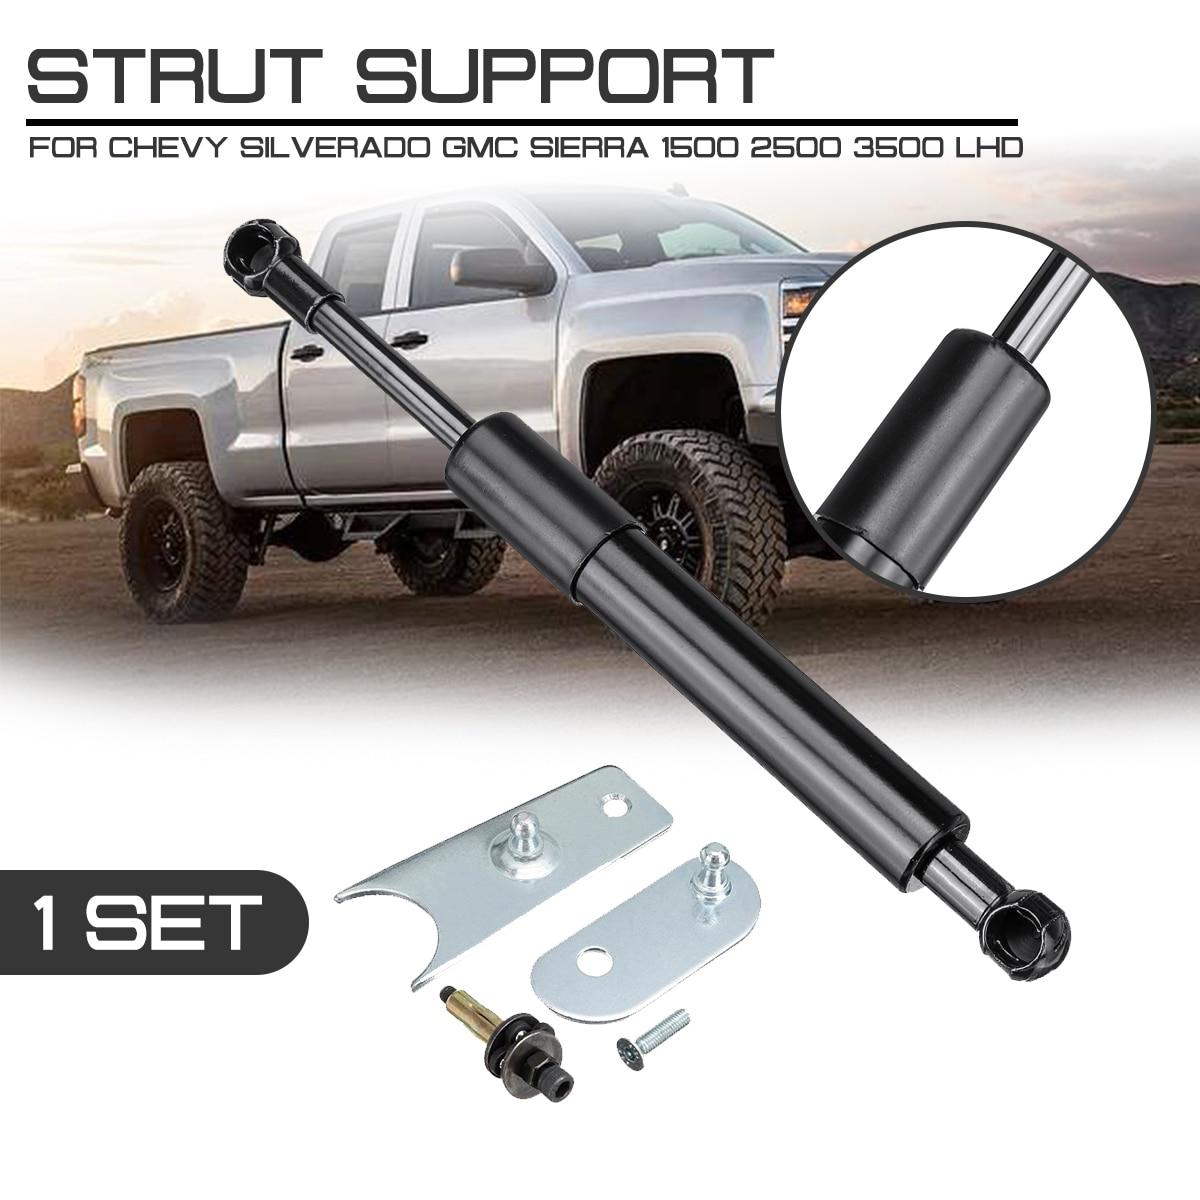 For Chevy Silverado GMC Sierra 1500 2500 3500 LHD Car Interior Rear Trunk Support Hydraulic Rod Strut Spring Bars Shock Bracket